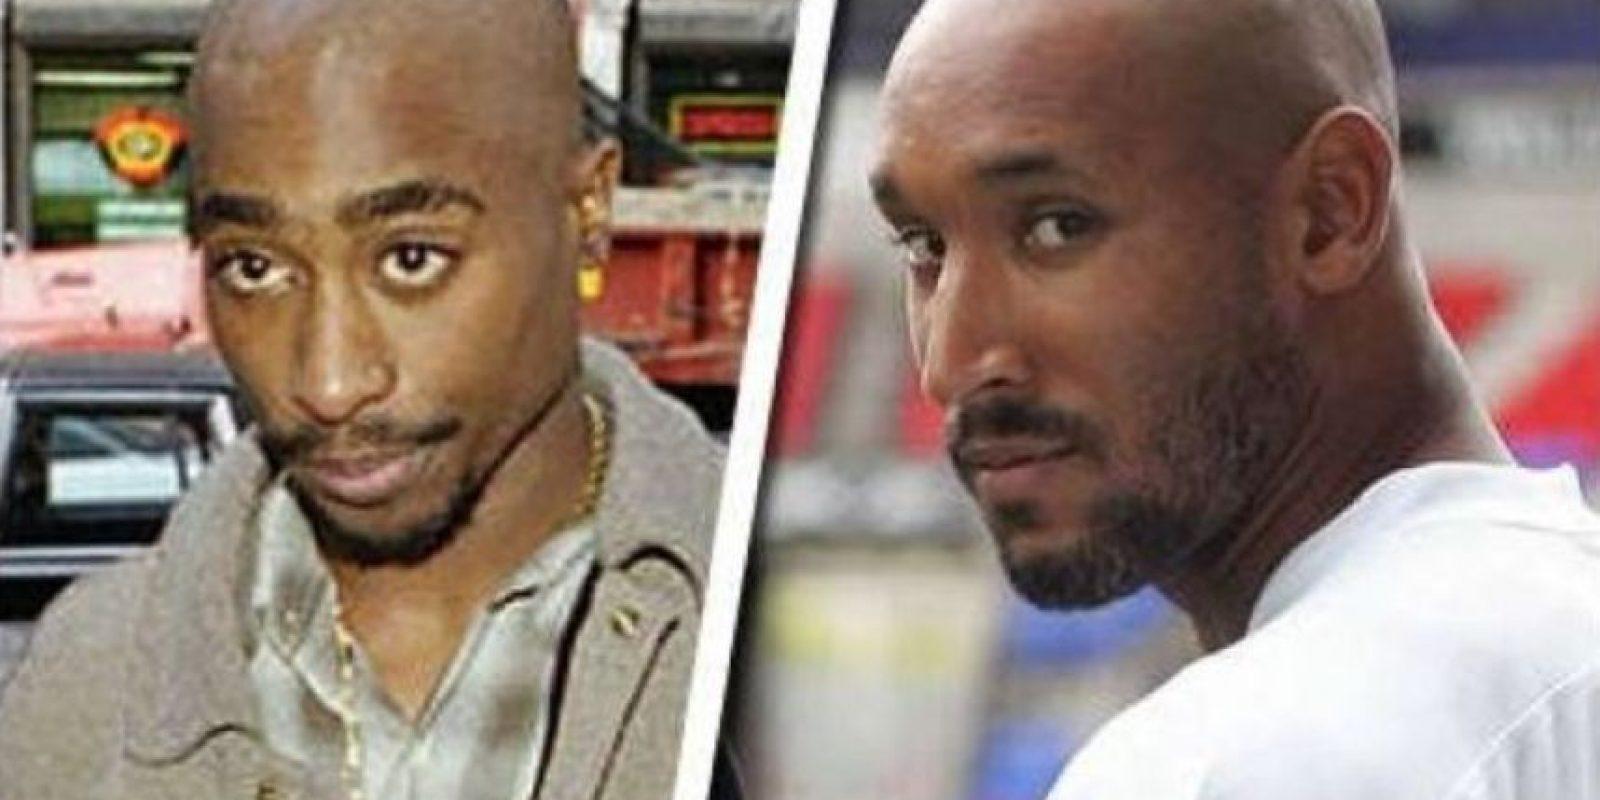 En un lado el difunto rapero Tupac y en el otro el francés Nicolás Anelka Foto:Twitter